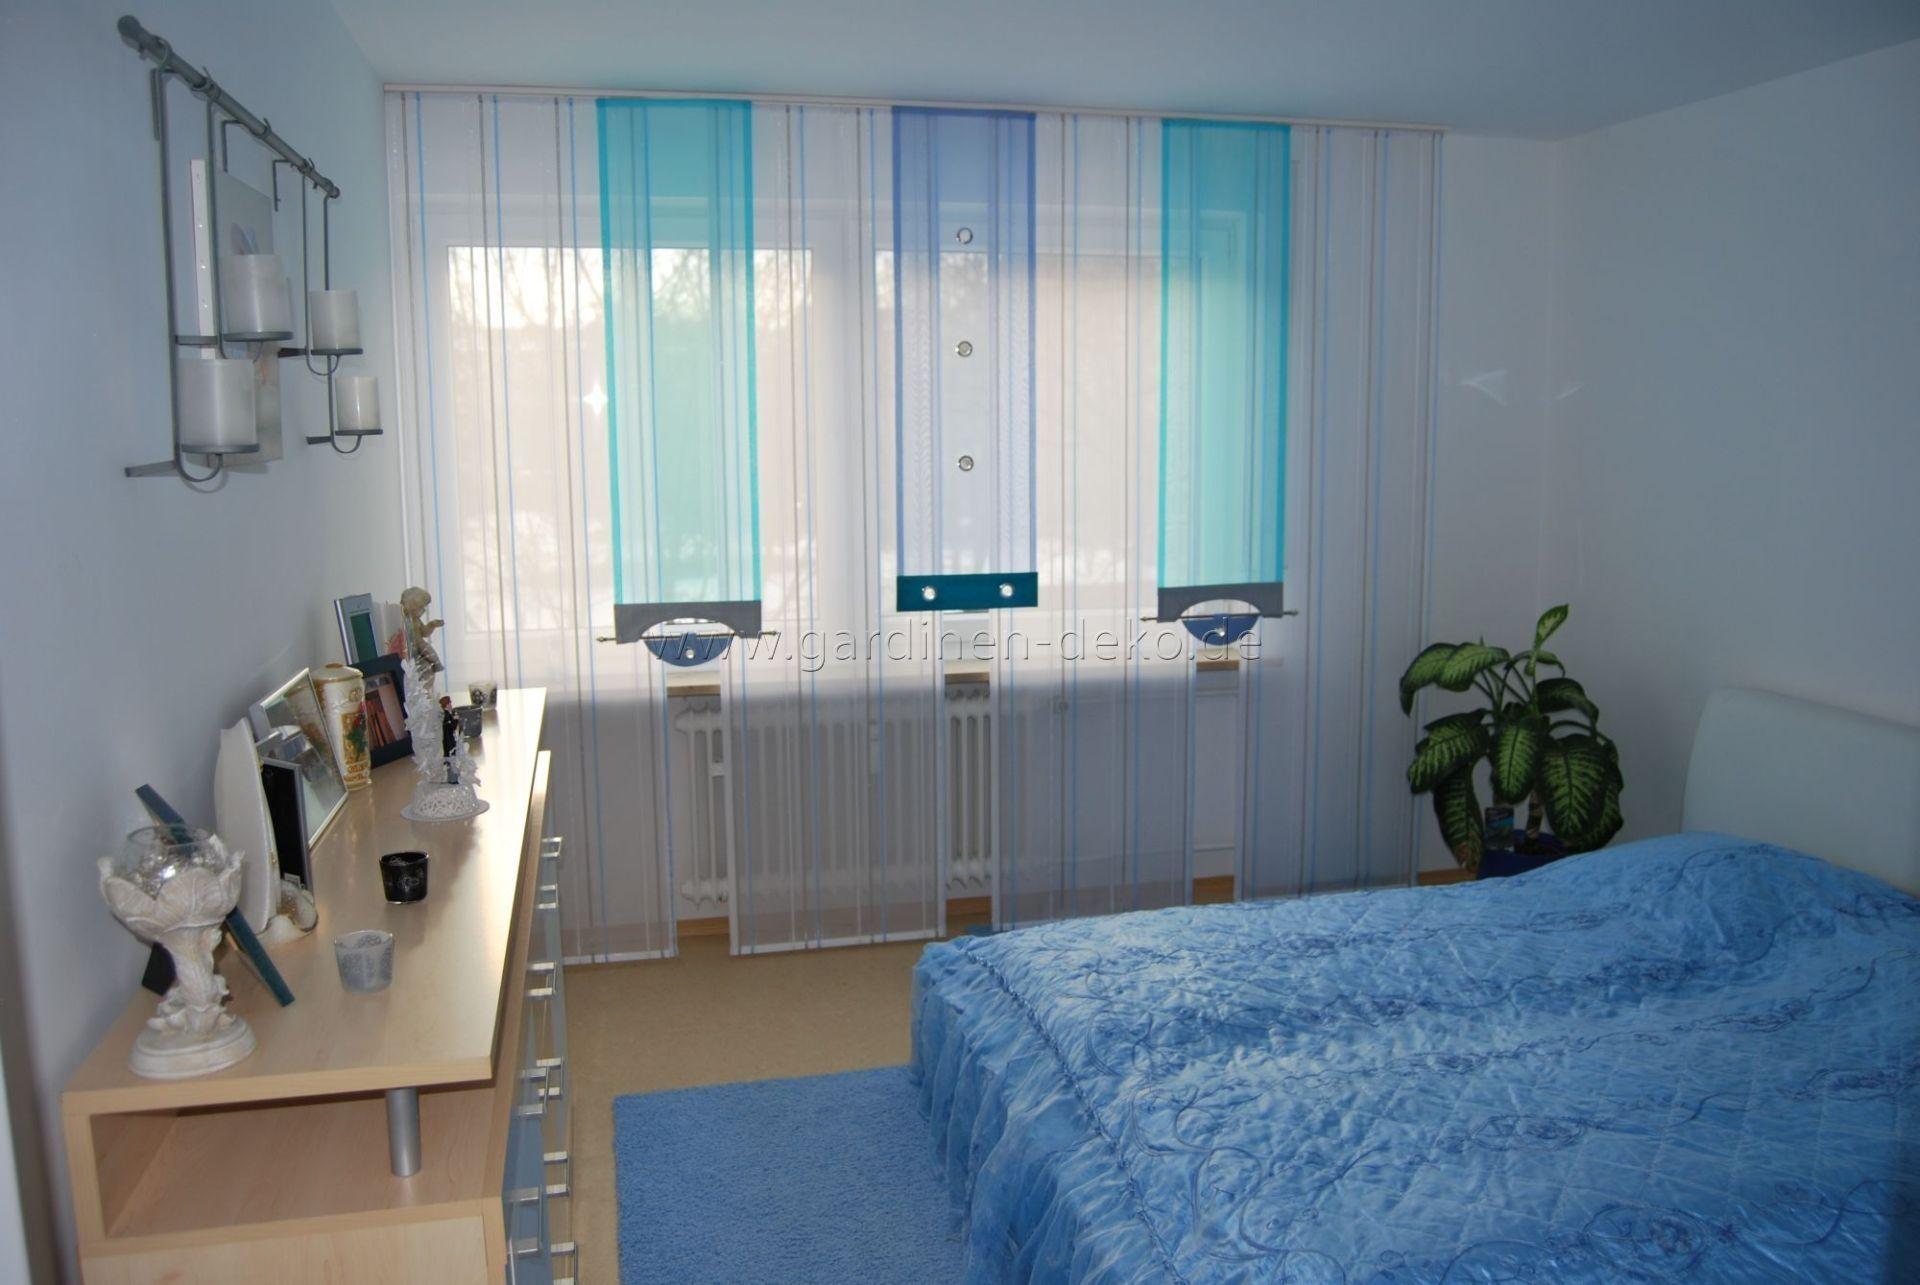 Schlafzimmer Vorhänge Türkis